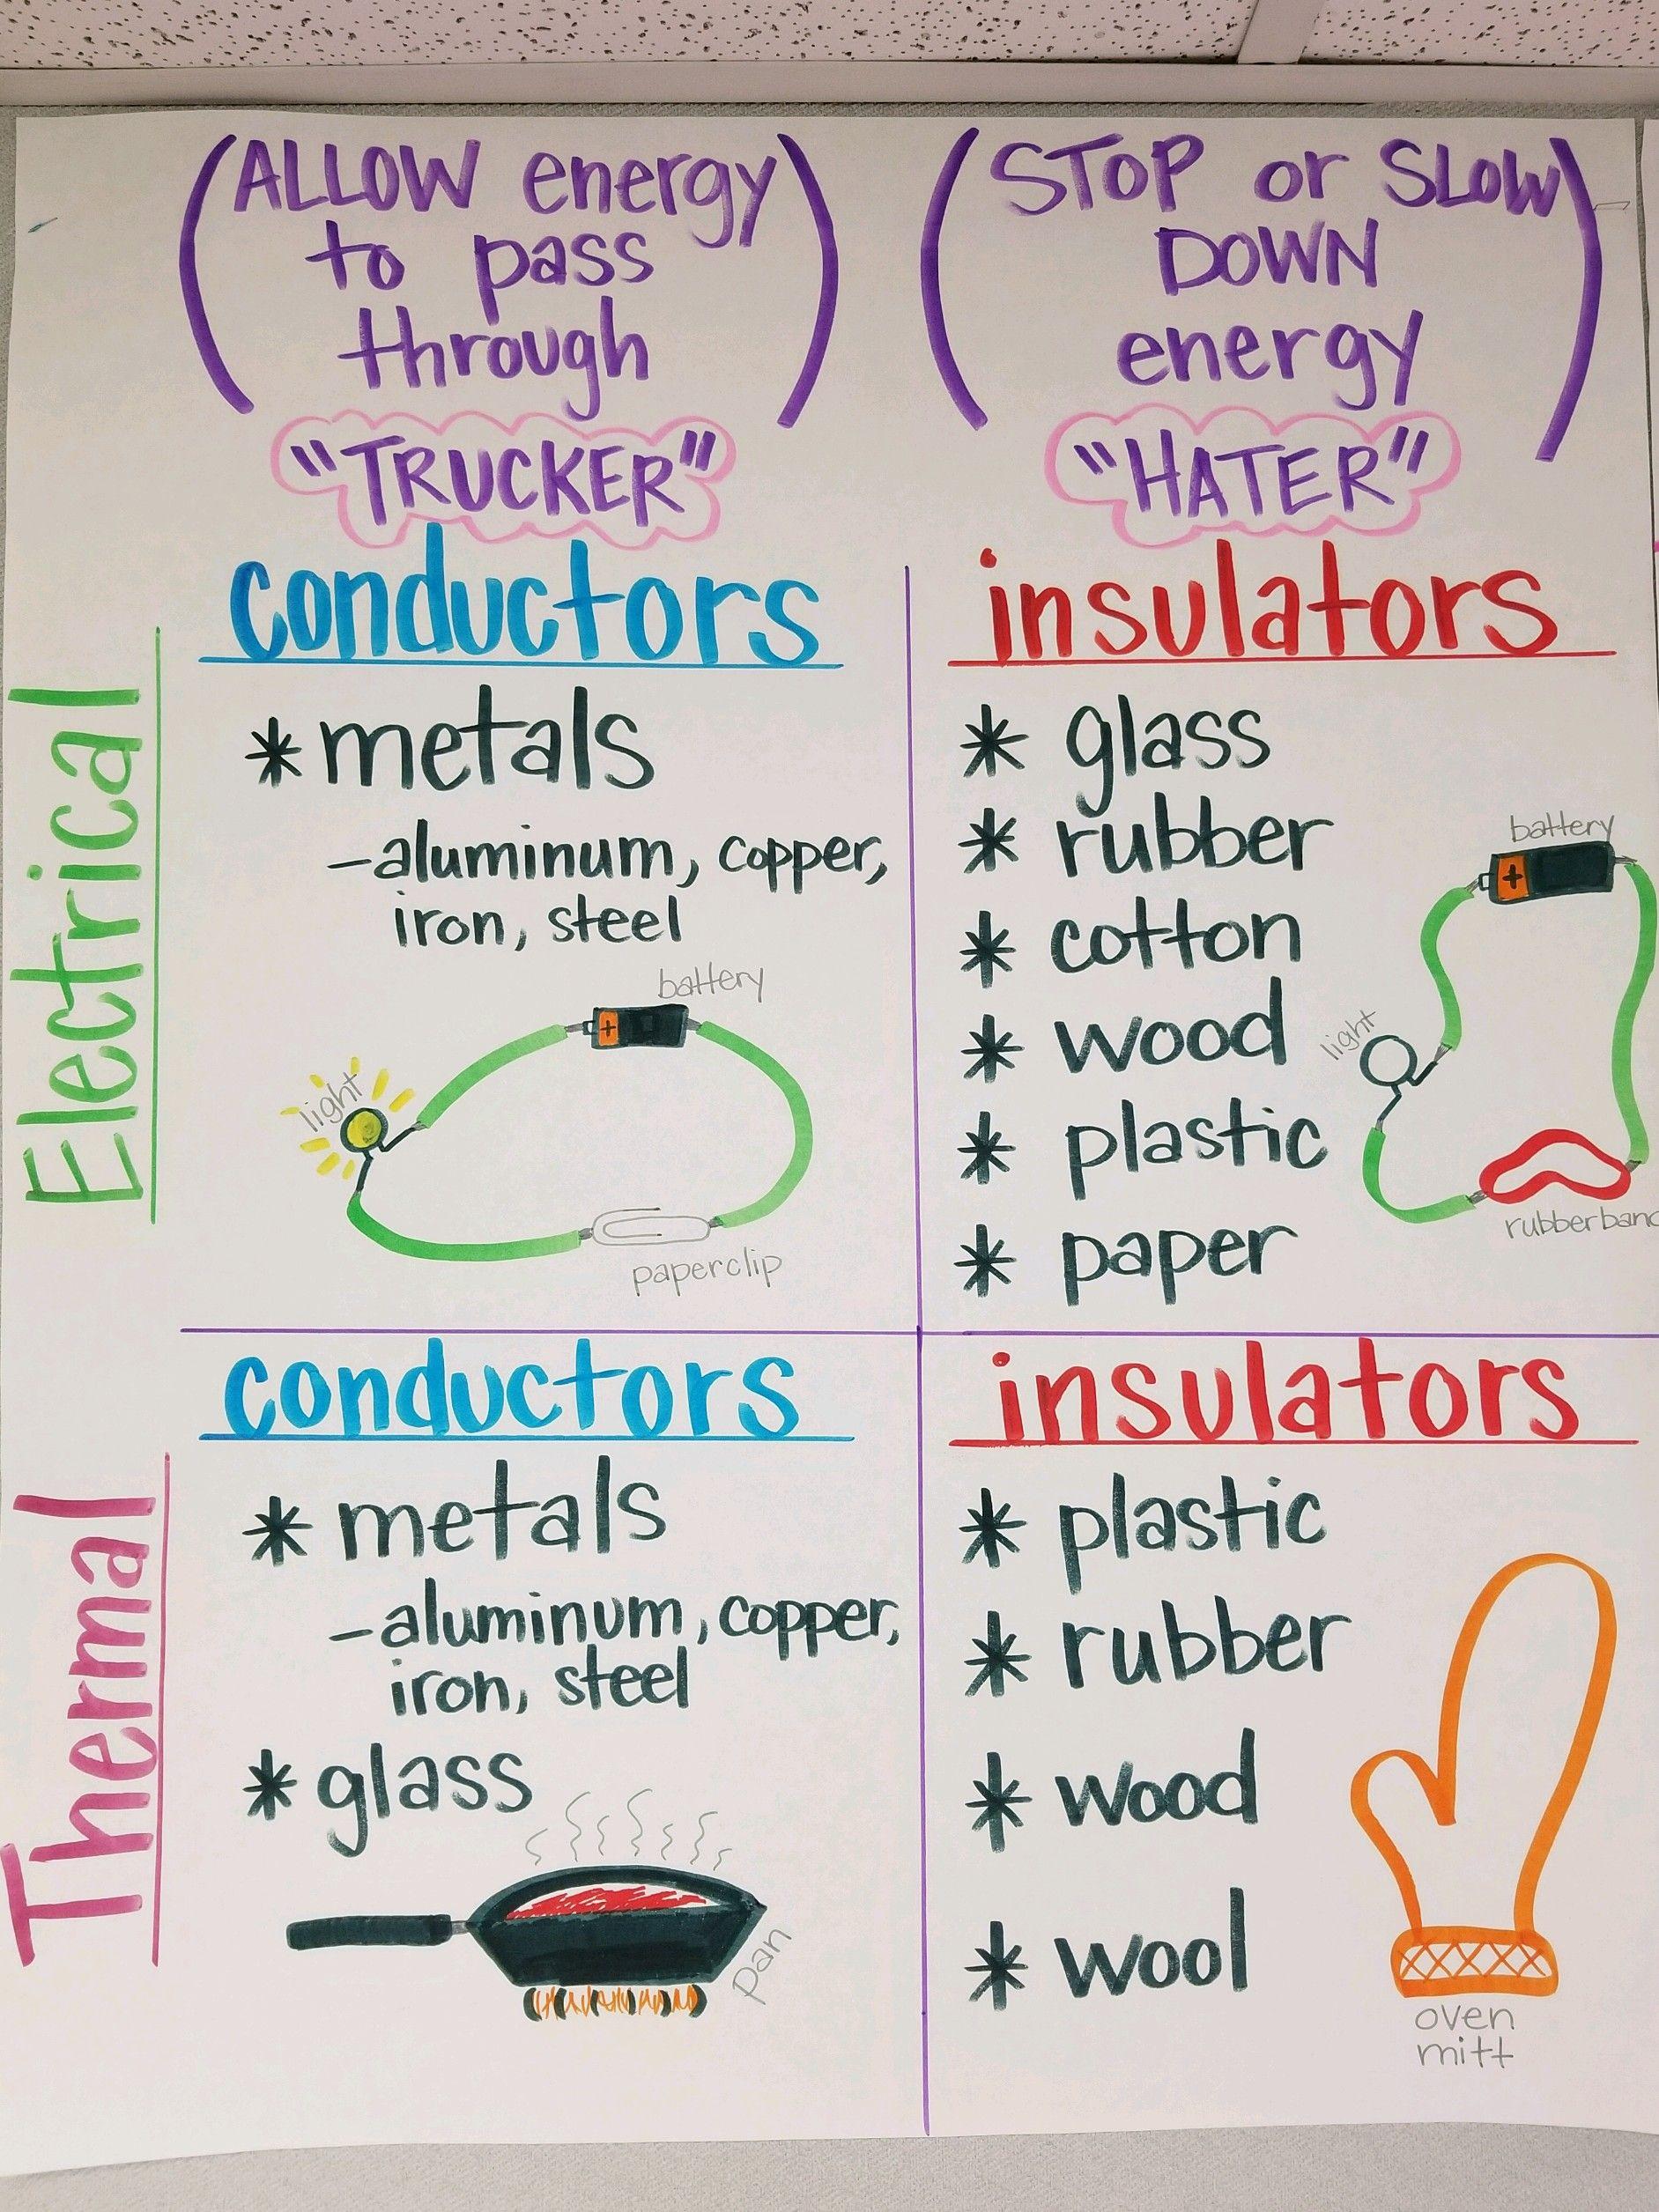 Conductors Insulators